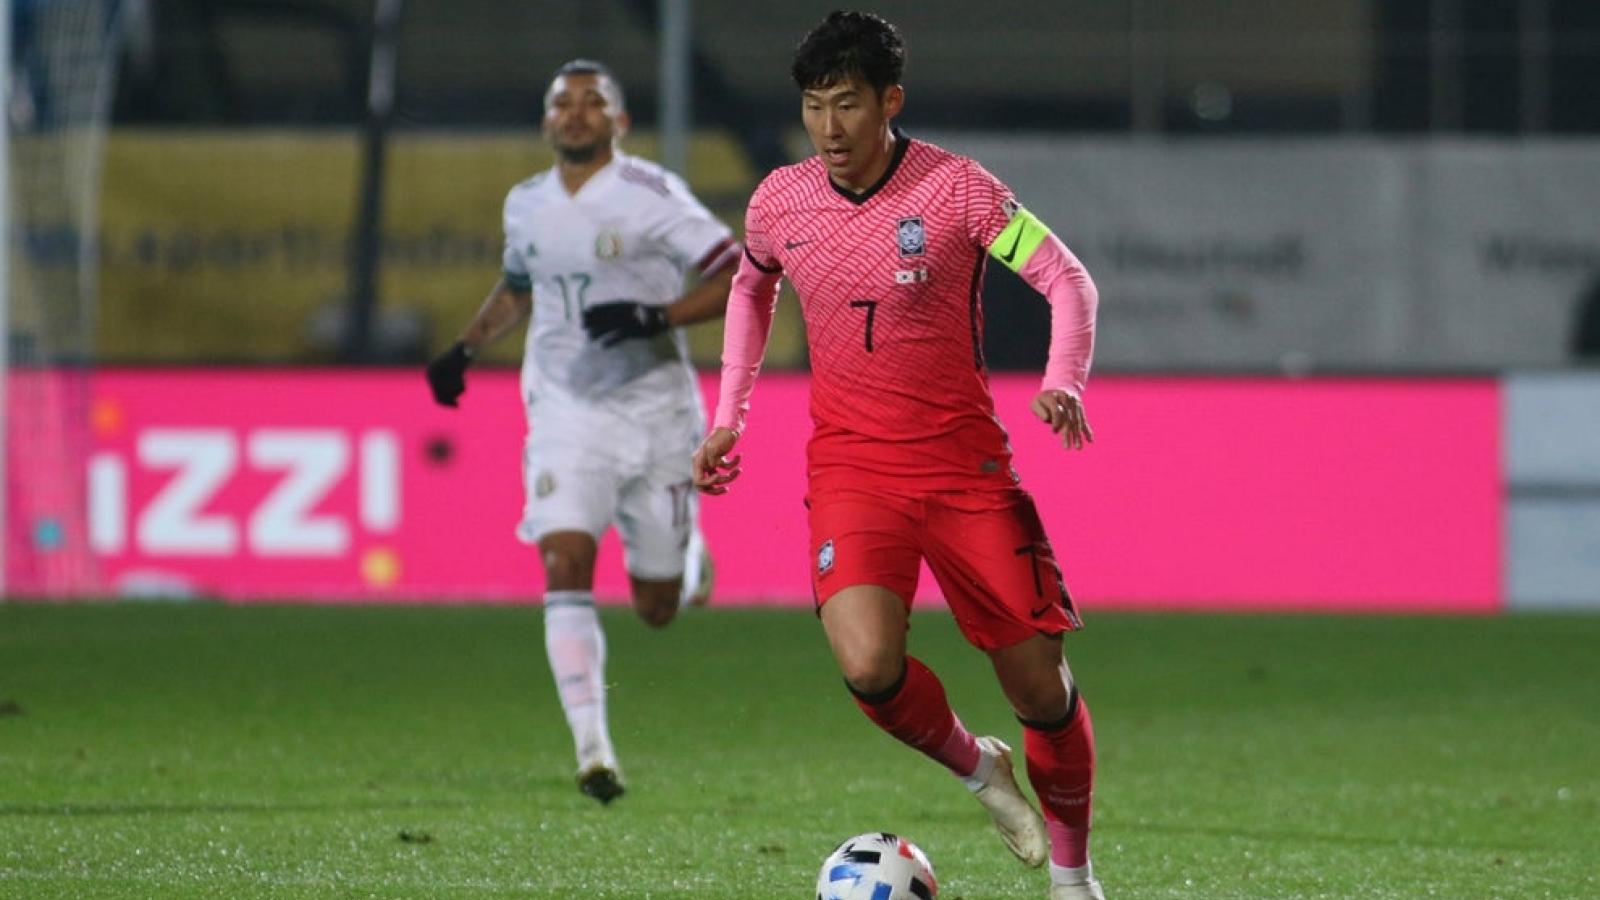 7 đồng đội mắc Covid-19, Son Heung Min vẫn đá trọn 90 phút cho ĐT Hàn Quốc